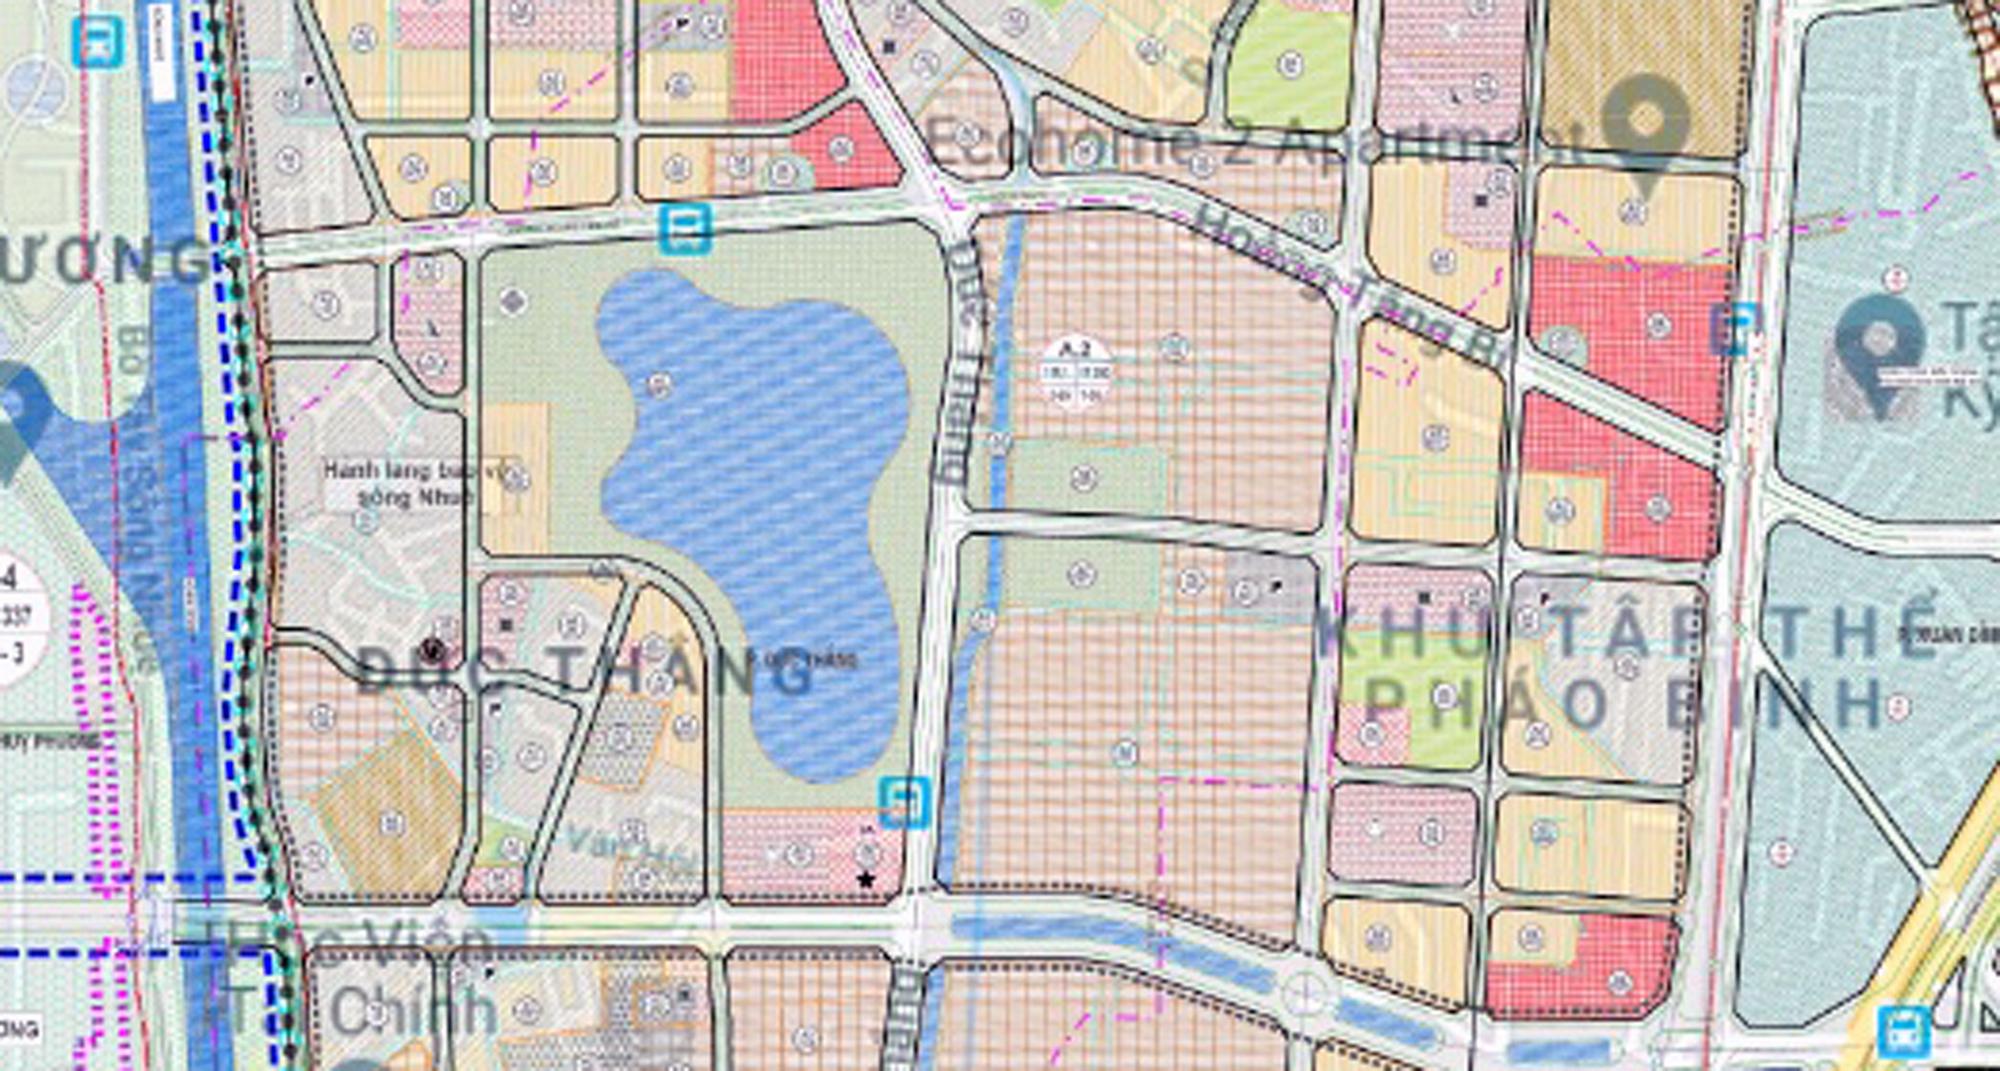 Những dự án chung cư gần các khu đất sẽ đào hồ lớn ở quận Bắc Từ Liêm - Ảnh 4.